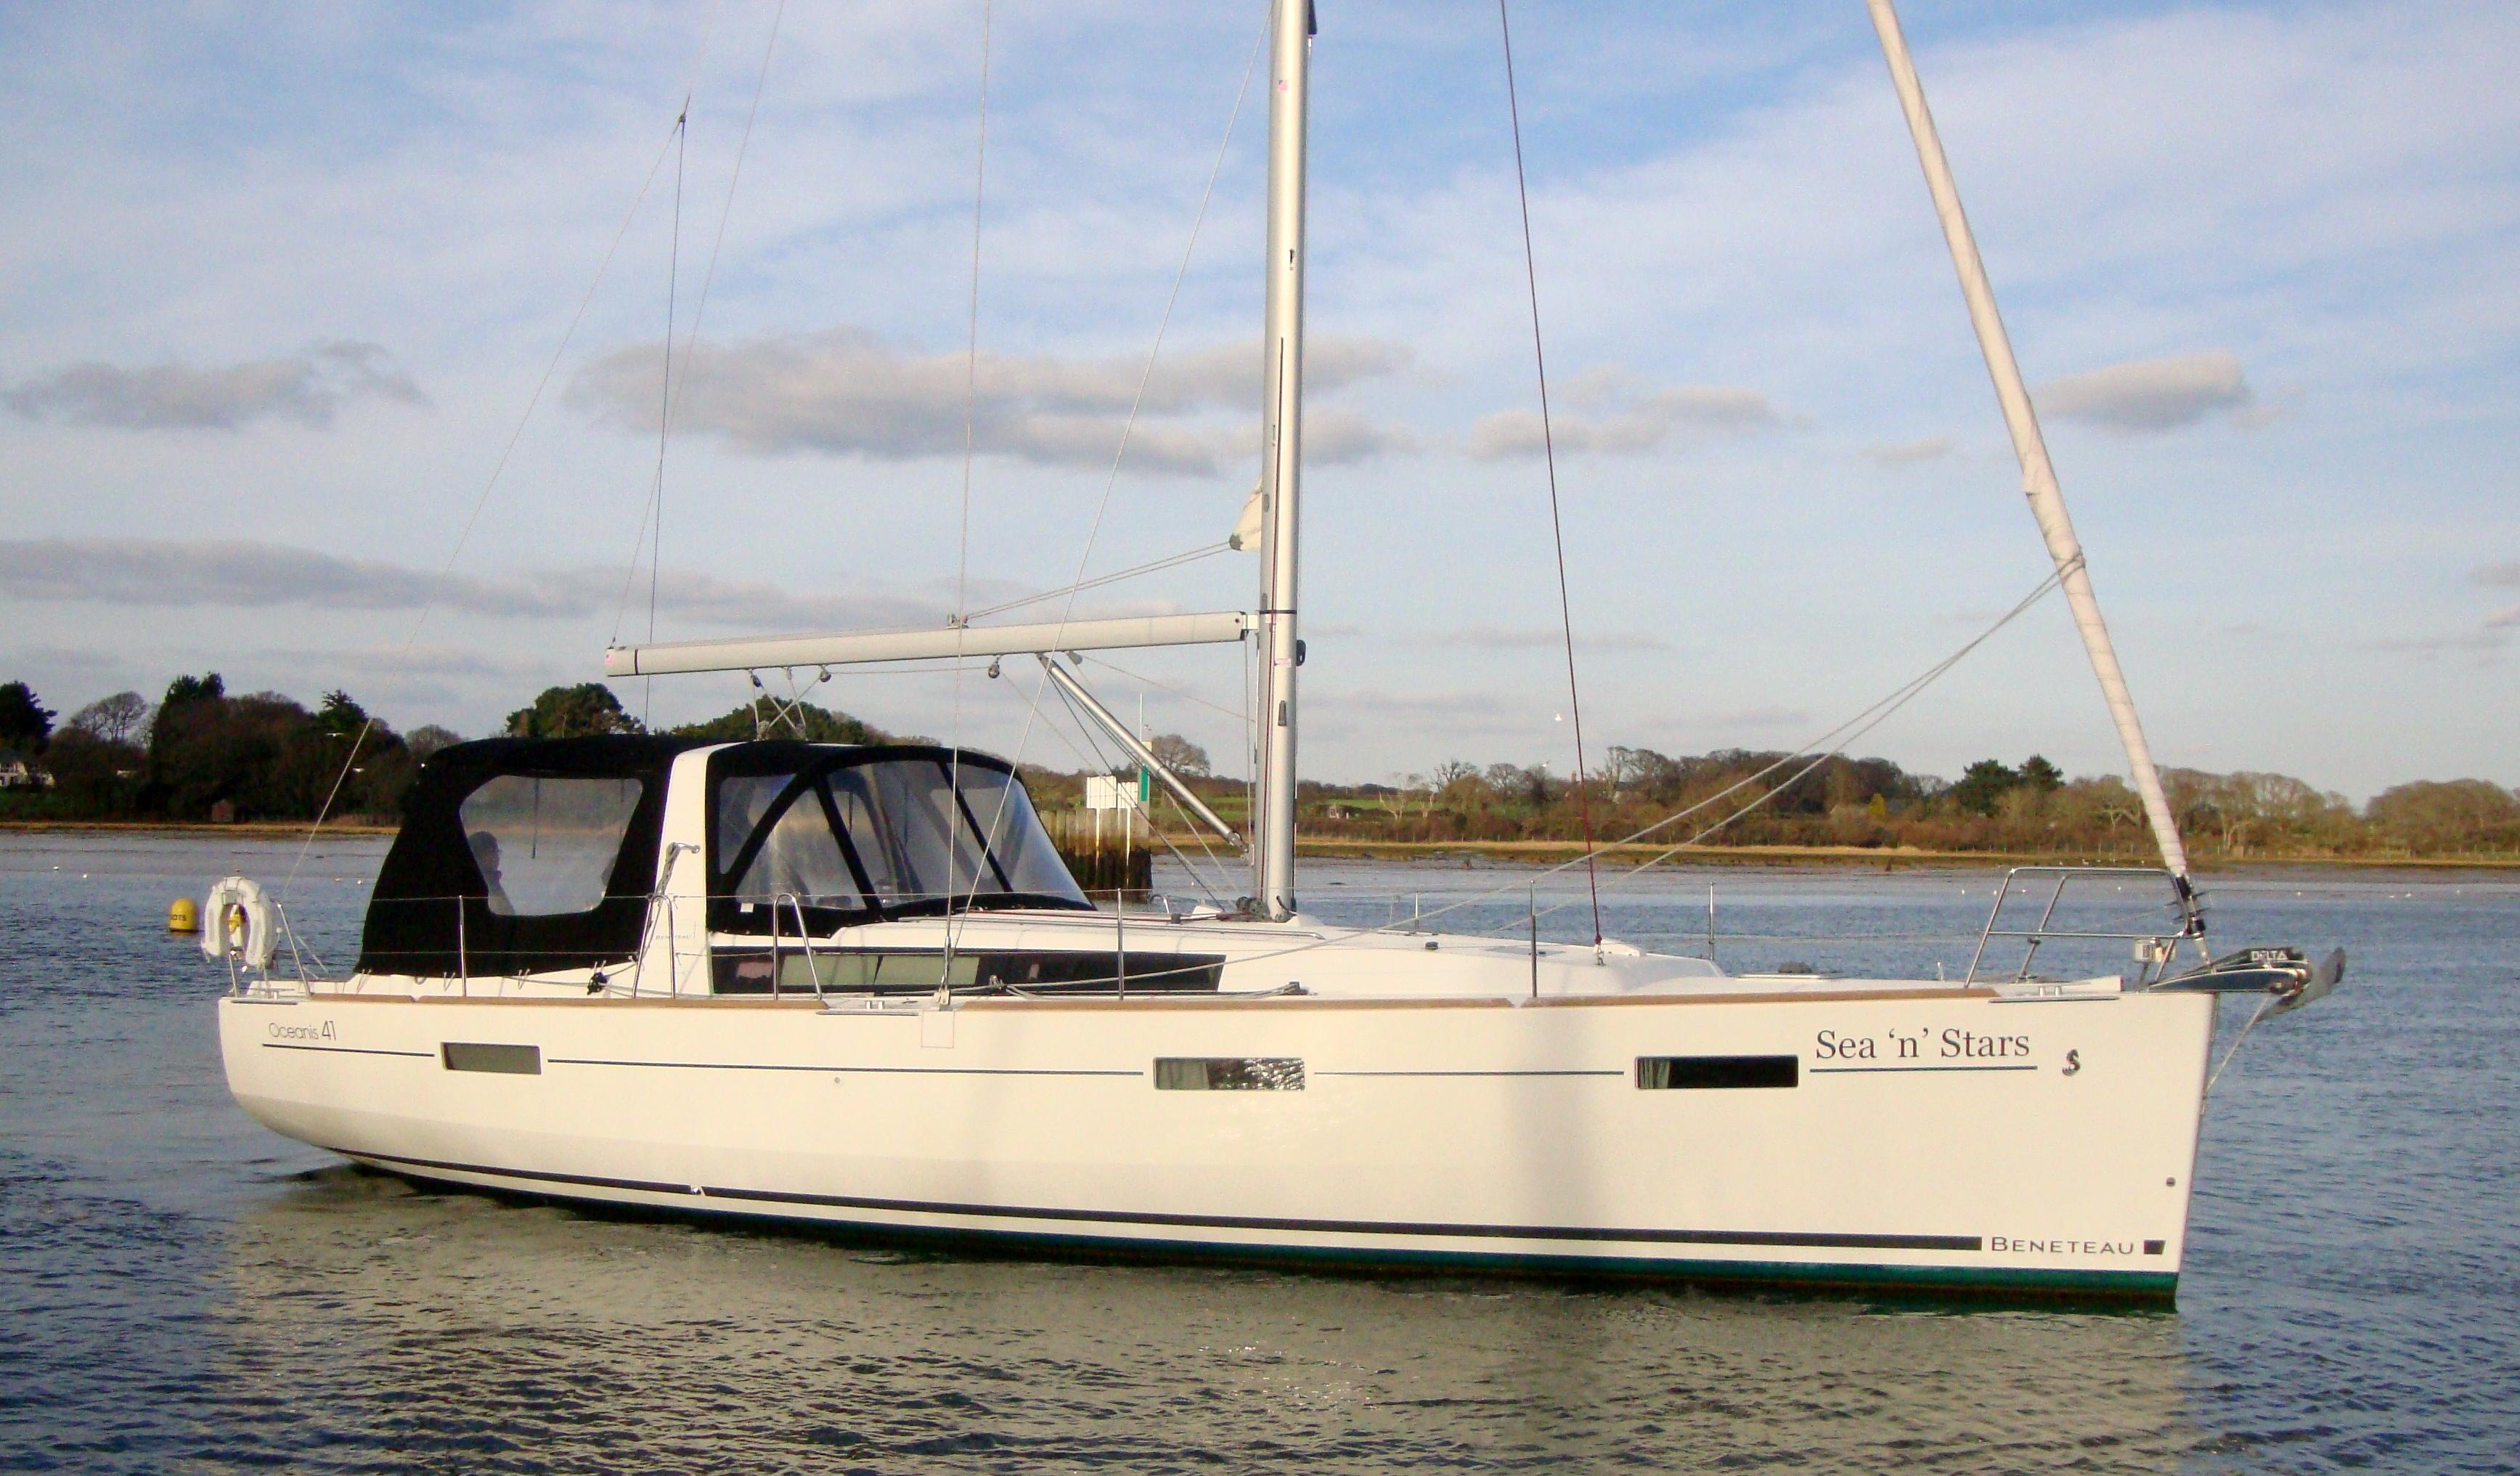 Beneteau Oceanis 41 Beneteau Oceanis 41 For Sale